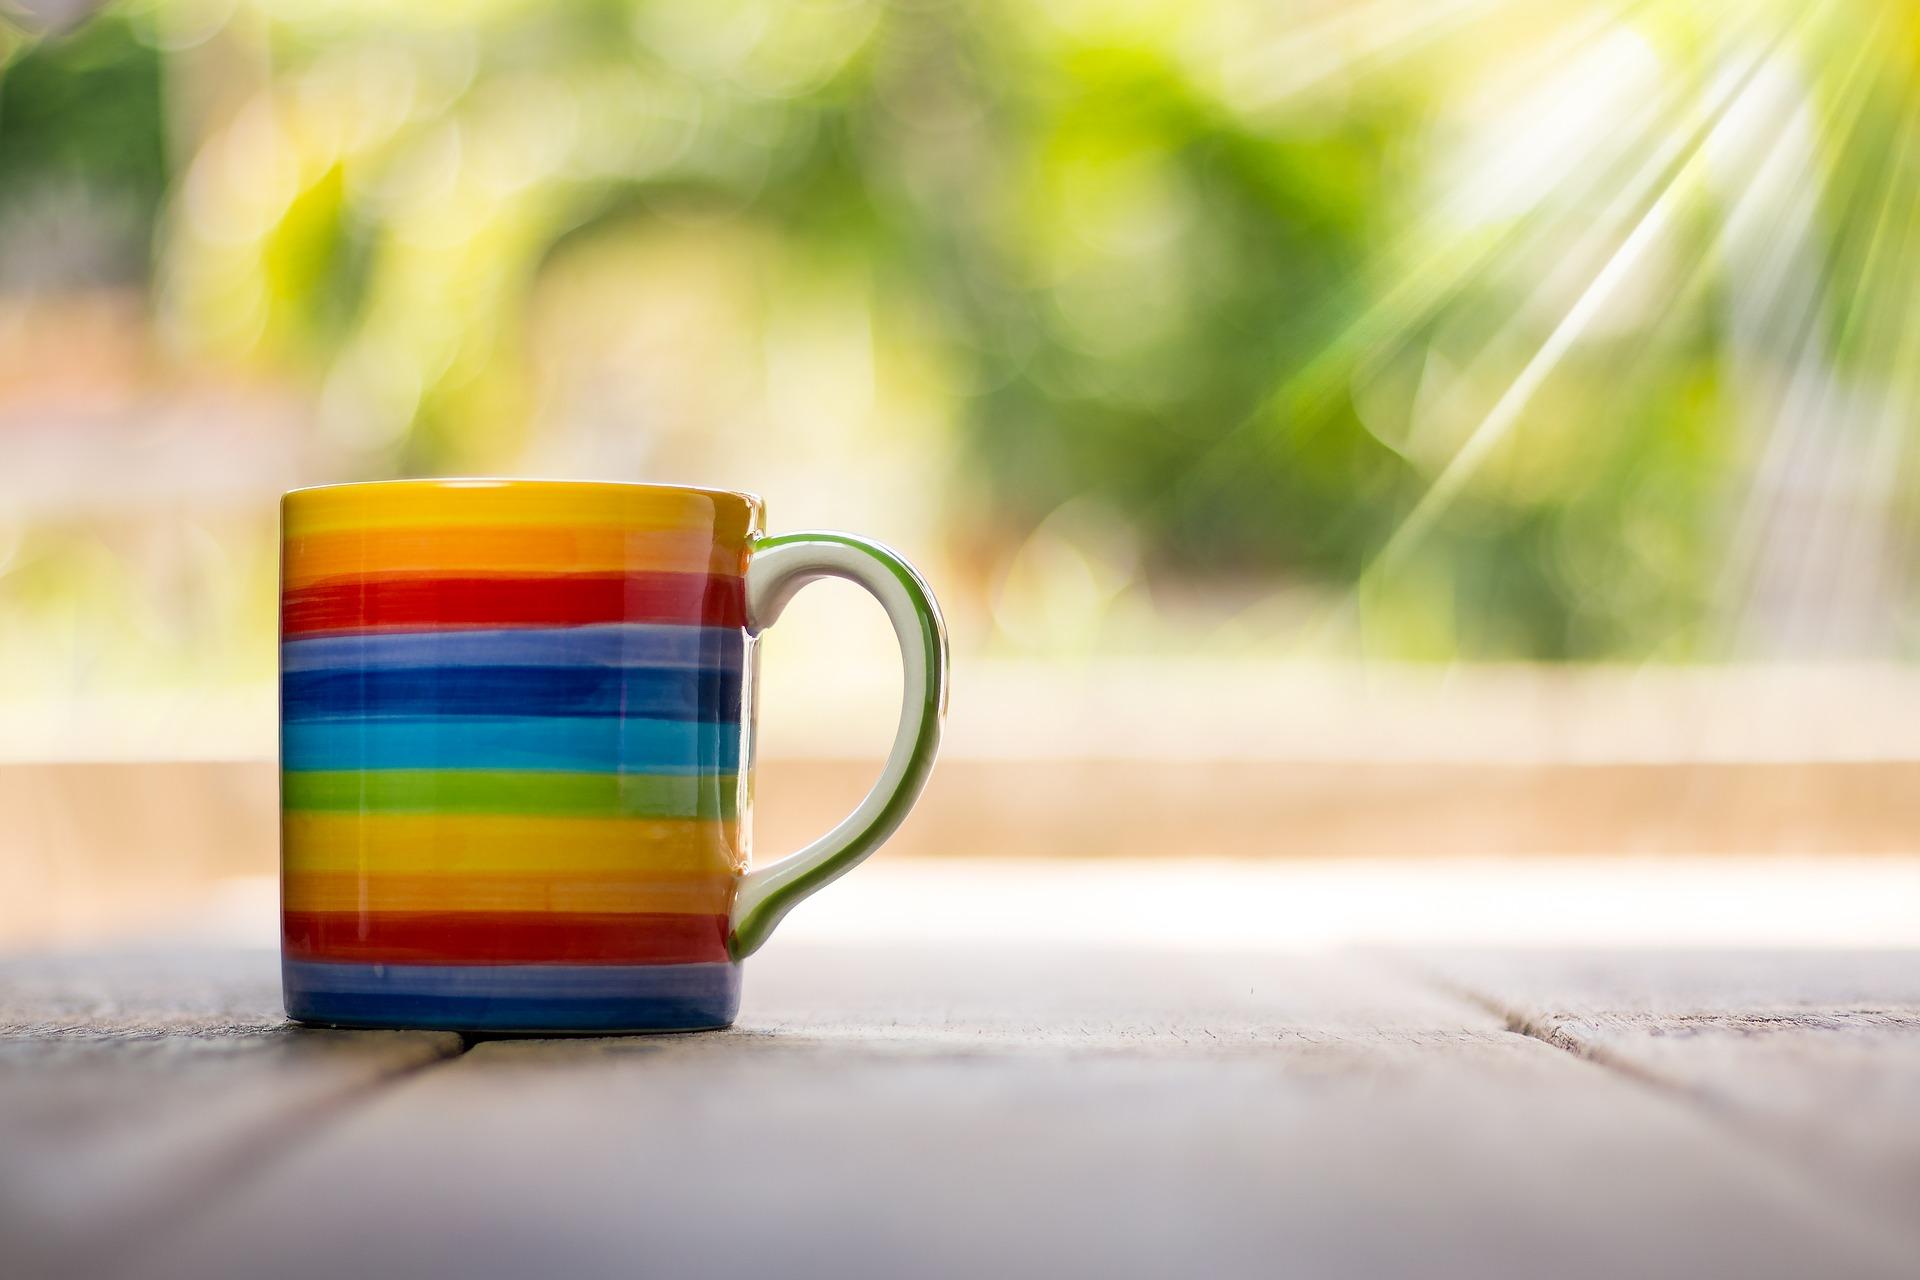 同性婚 同性愛 LGBT 幸せ